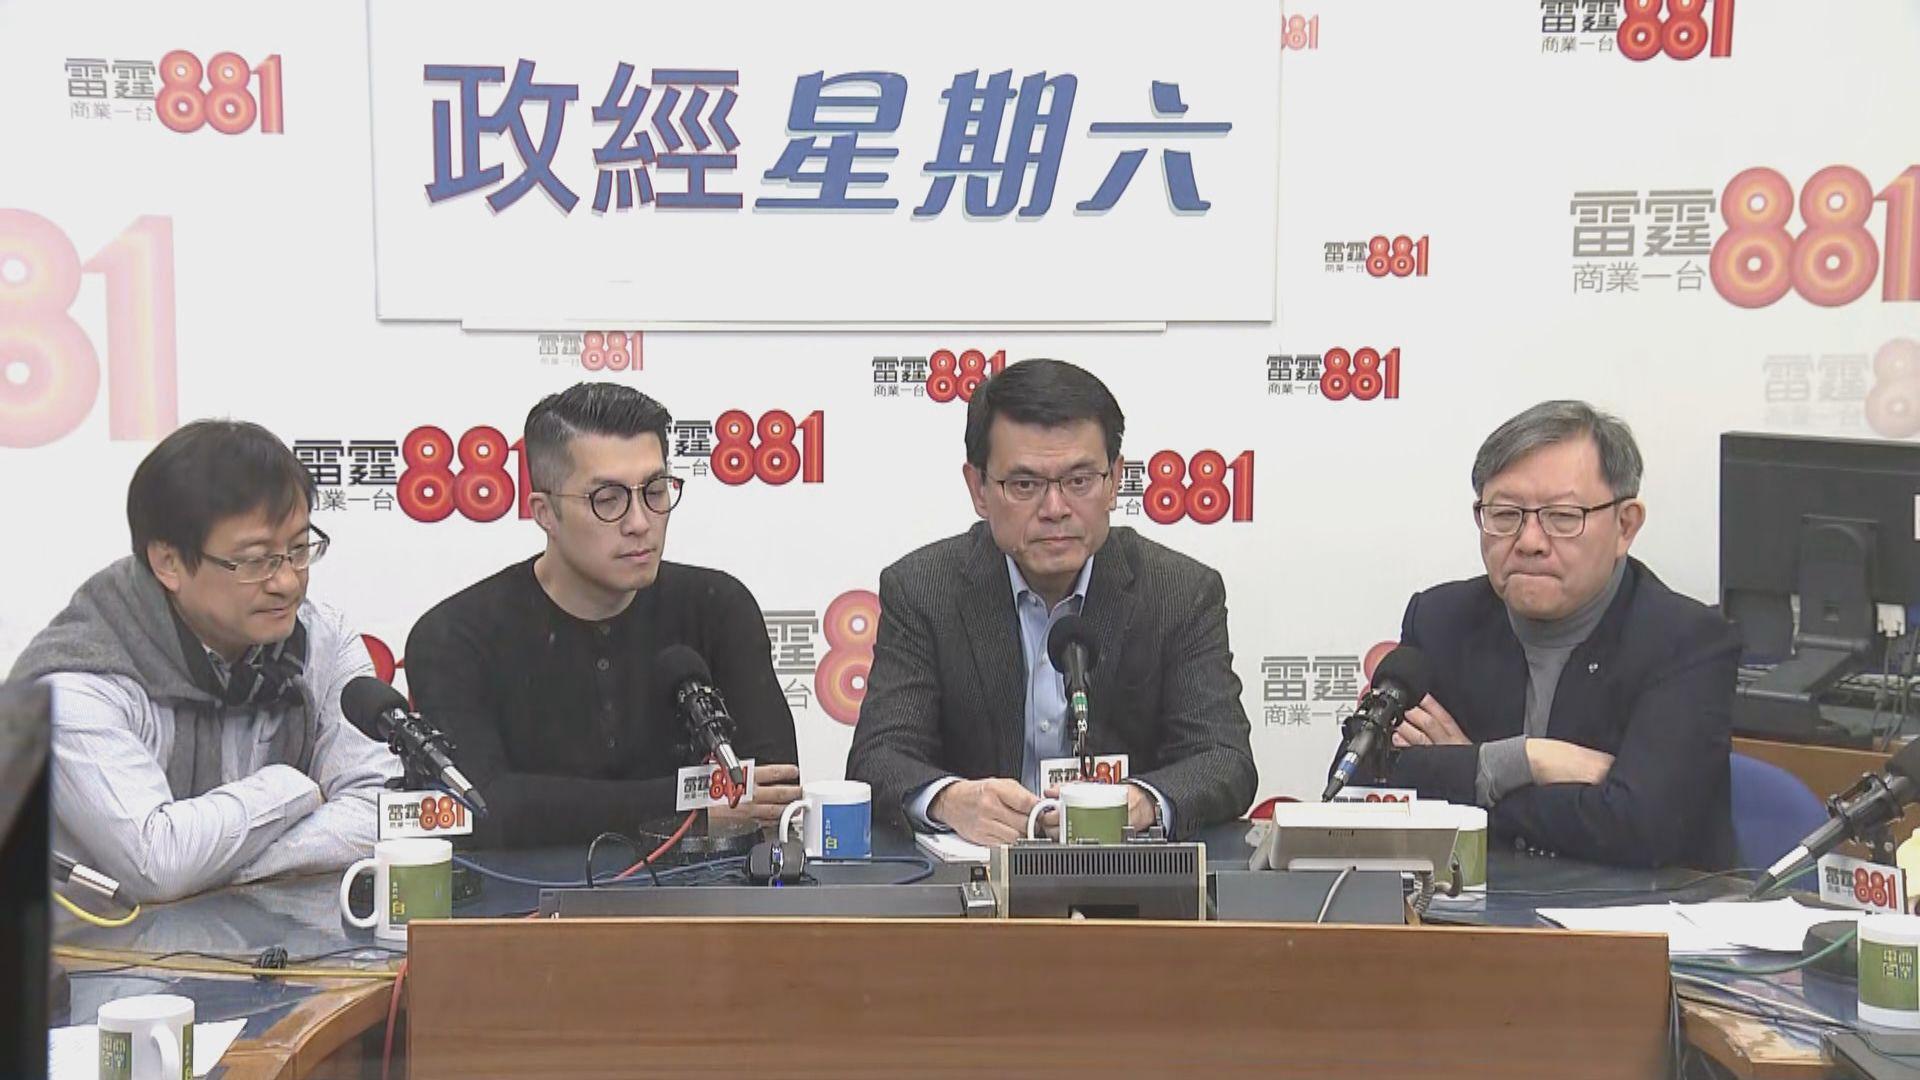 邱騰華 : 香港不是單獨服務一個區域